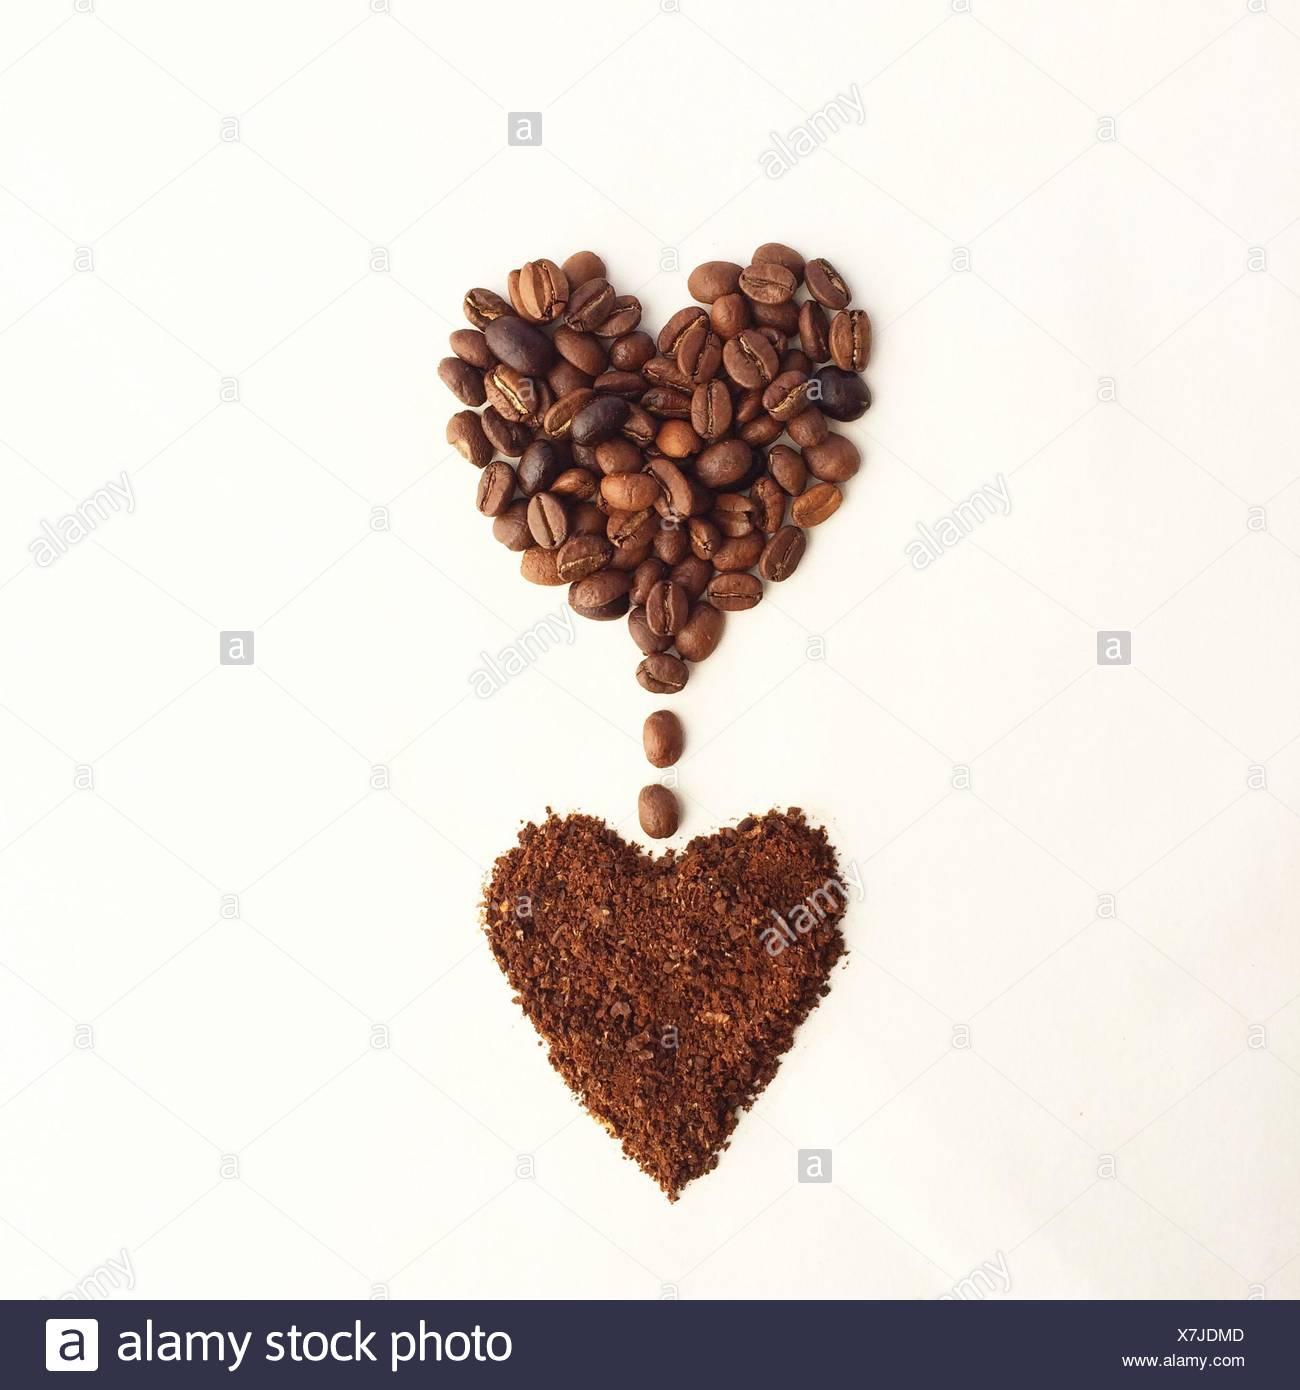 Kaffeebohnen in Form eines Herzens, tropft in ein anderes Herz Form des gemahlenen Kaffees Stockbild